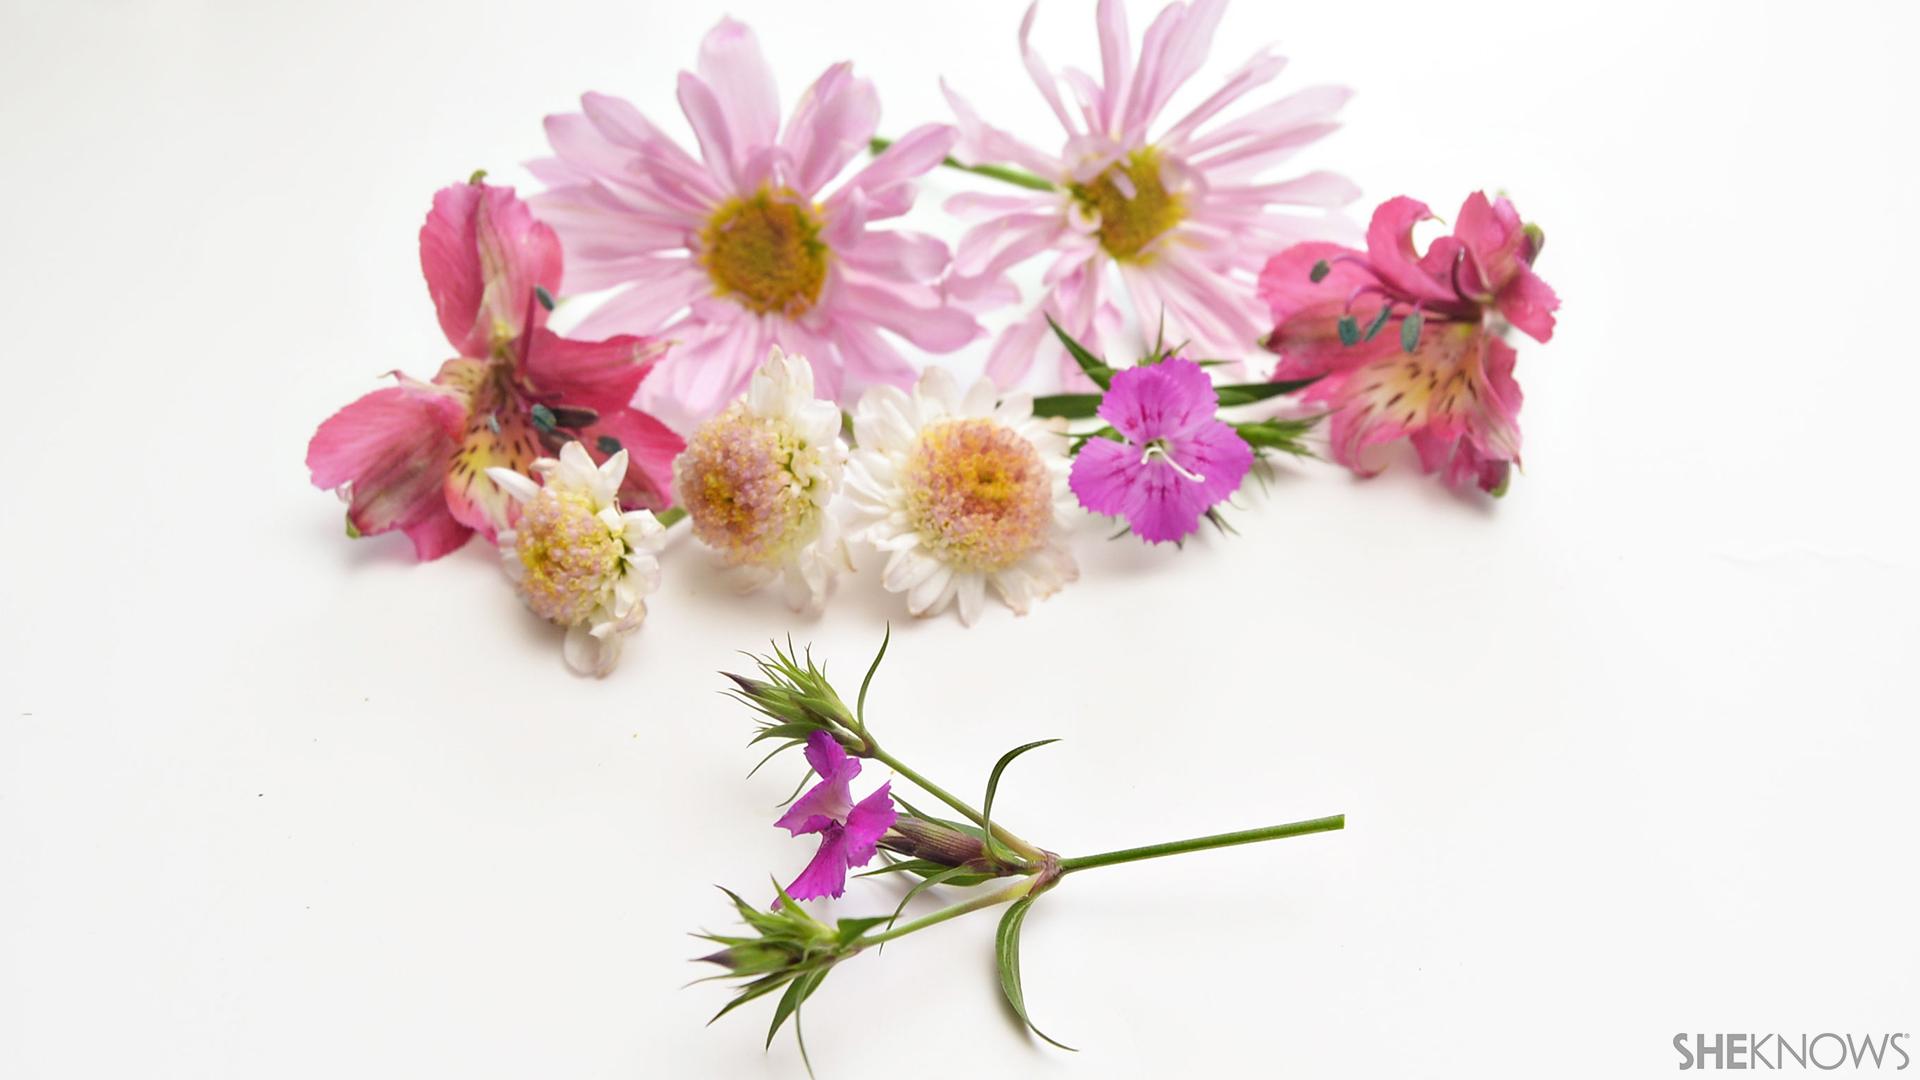 A springtime craft for kids